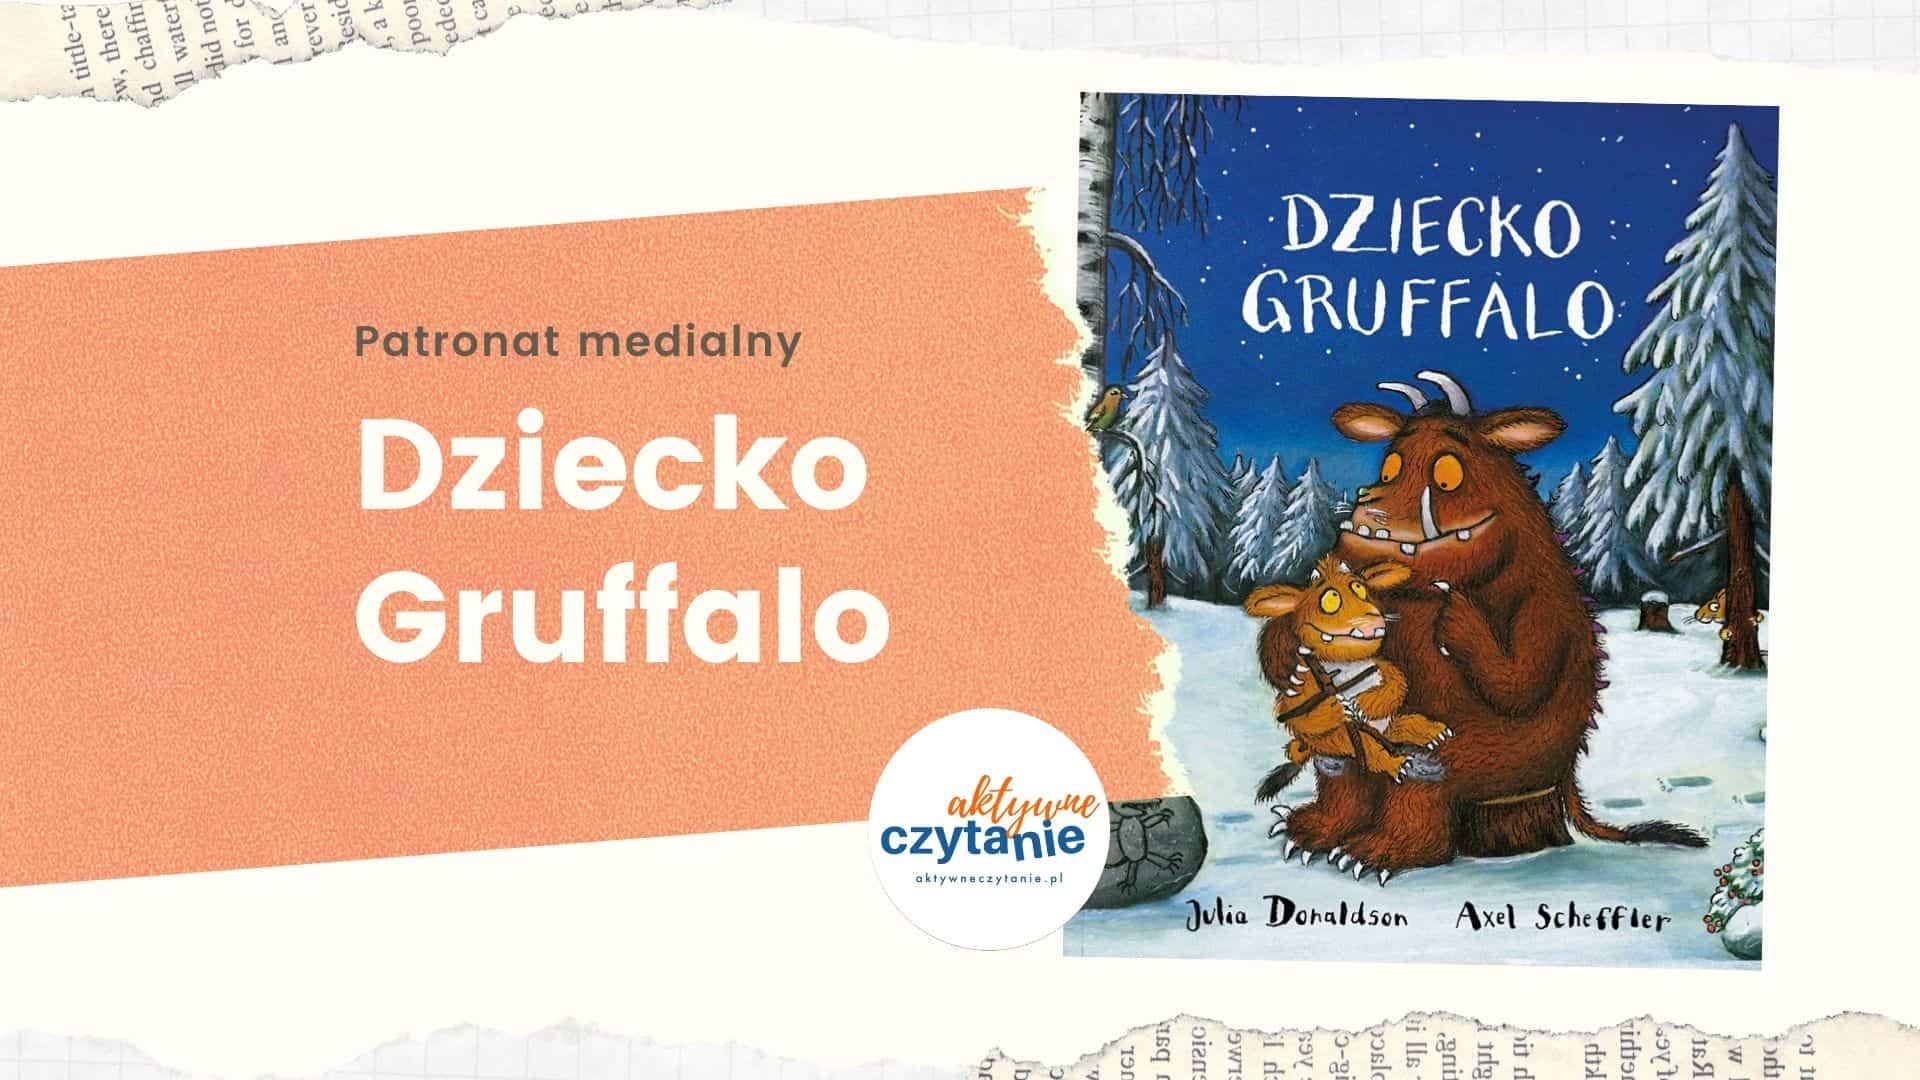 Dziecko Gruffalo recenzja ksiązki dla dzieci aktywne czytanie